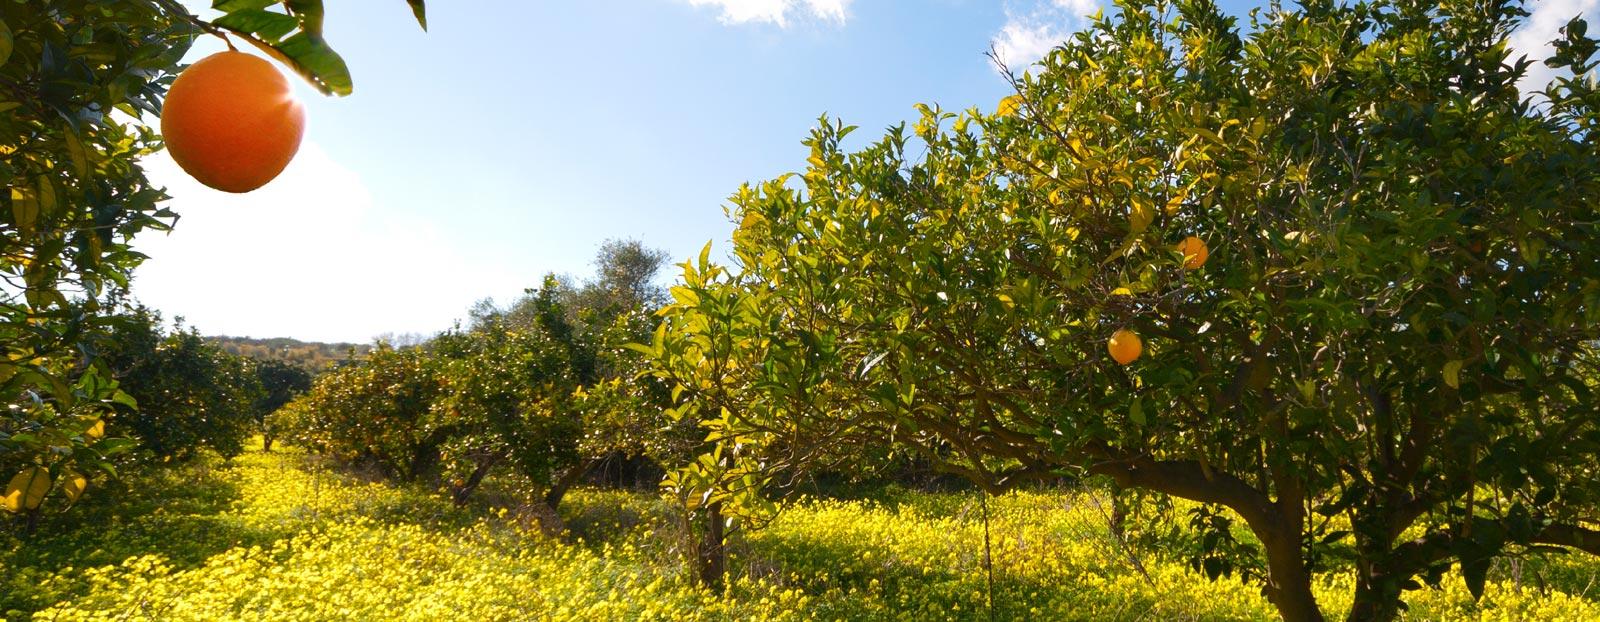 在自然栖息地生长着的苦橙